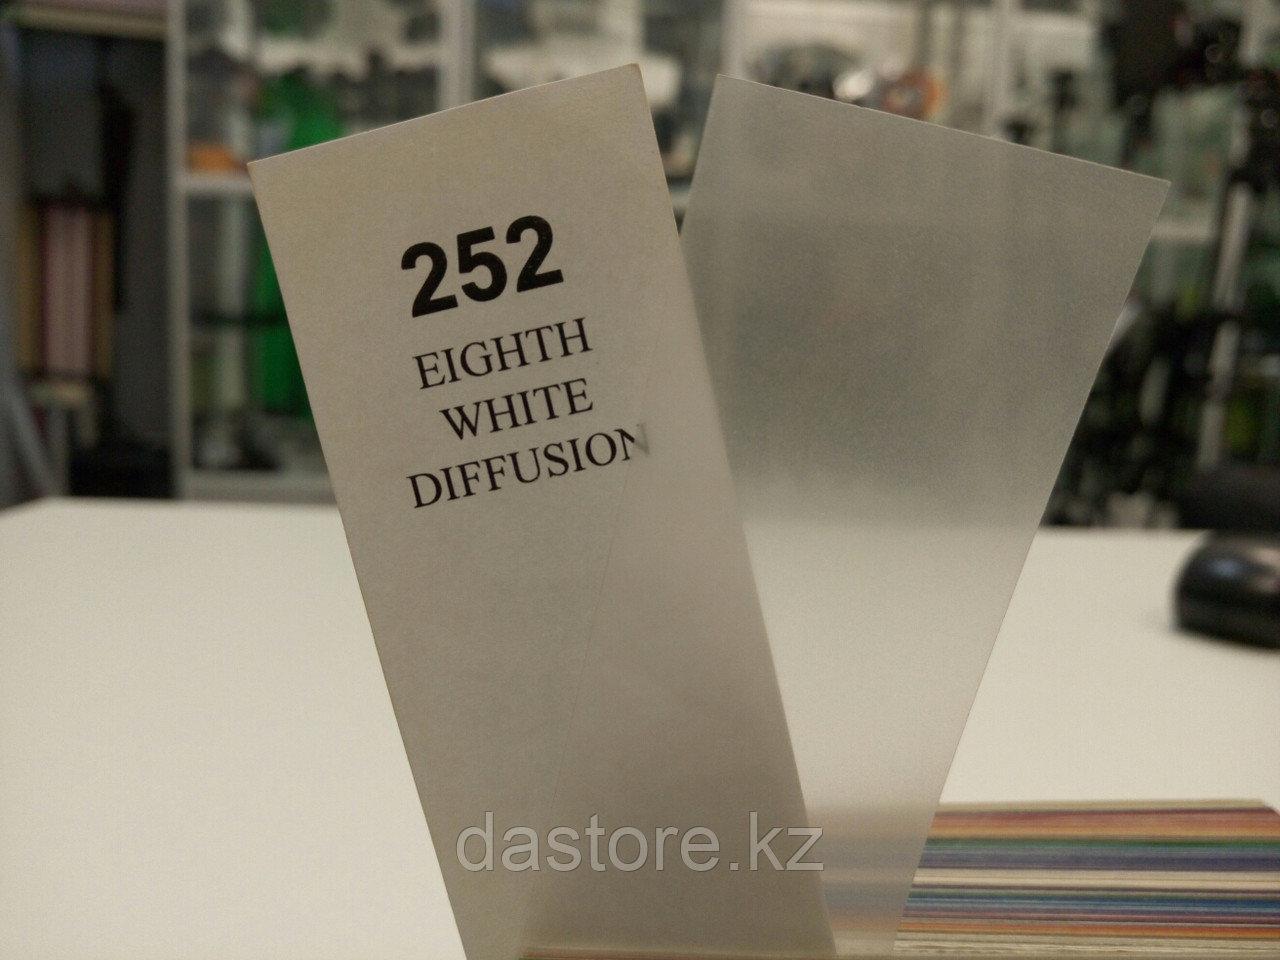 Cotech 252 EIGHTH WHITE DIFFUSION светофильтр для осветительных приборов